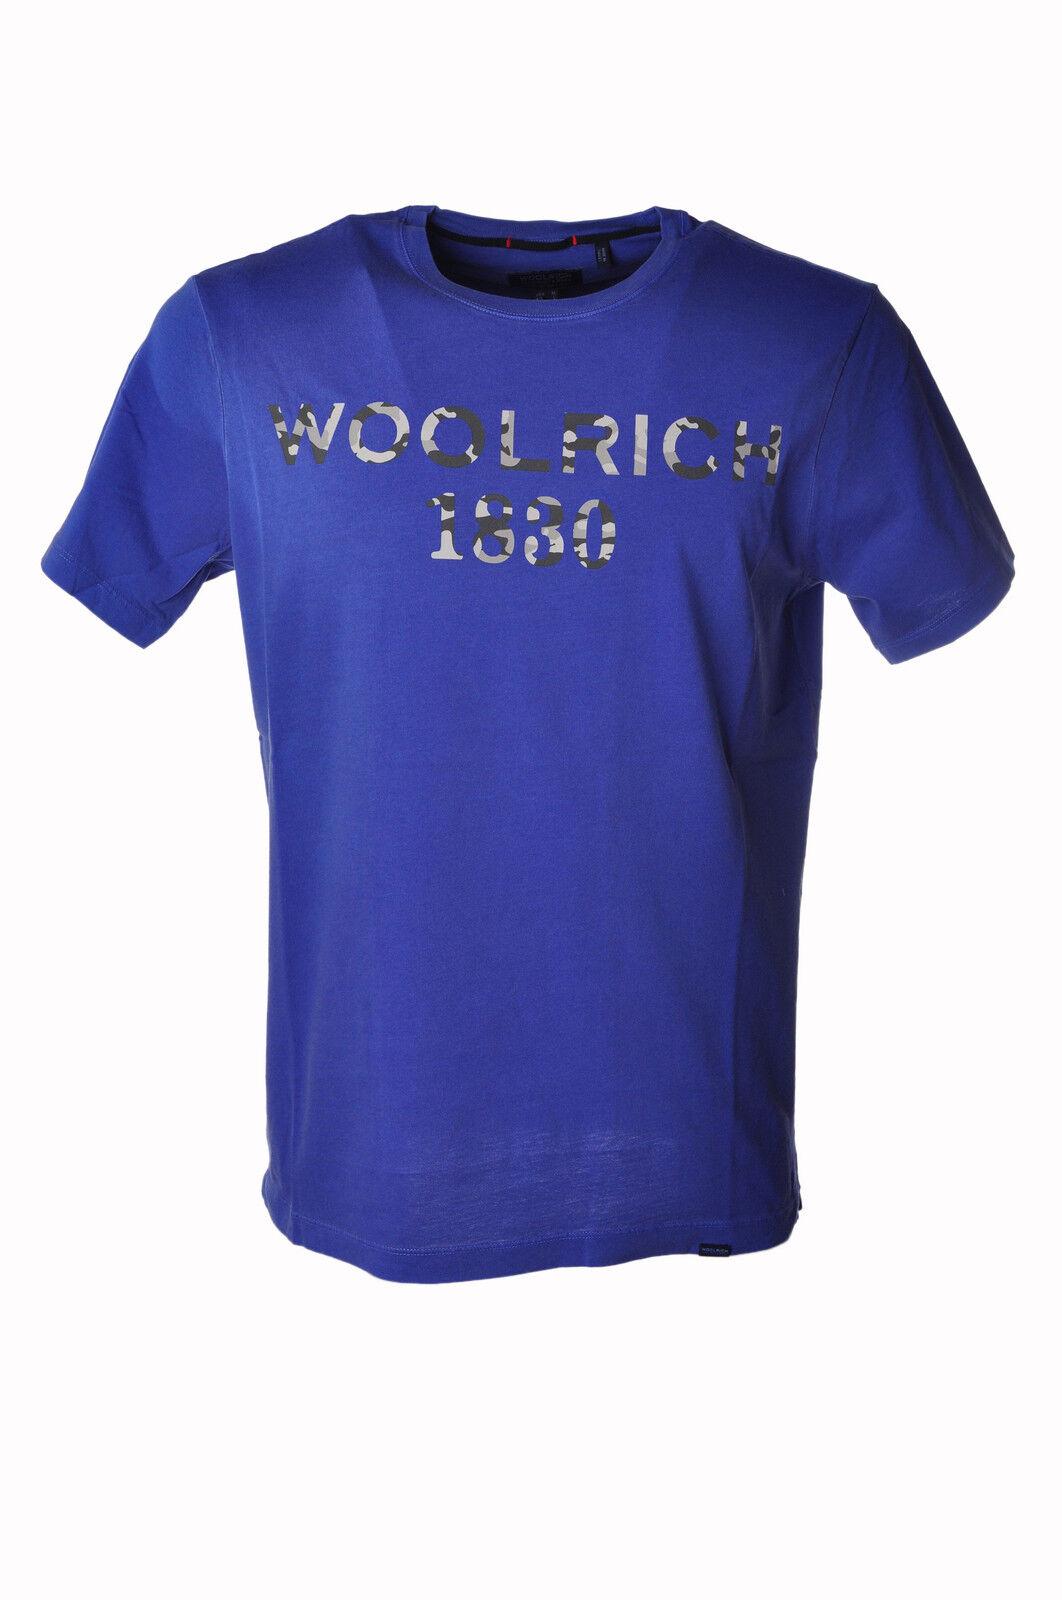 Woolrich  -  T - Male - Blau - 3566424A184550